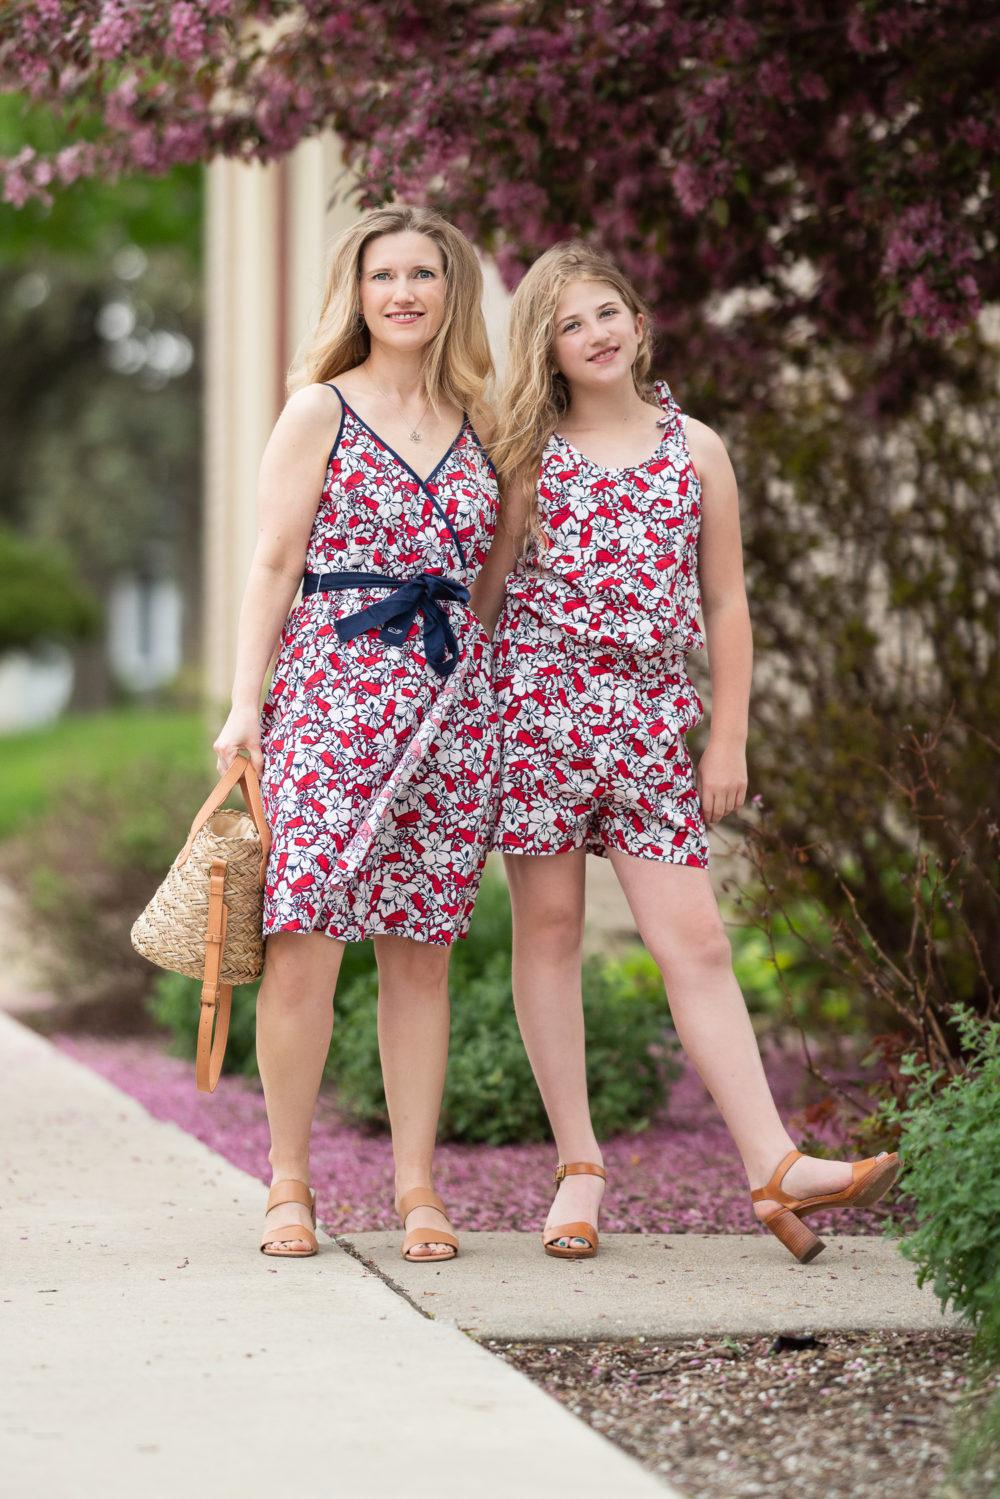 Petite Fashion Blog | Vineyard Vines Target | Vineyard Vines Hibiscus Wrap Dress